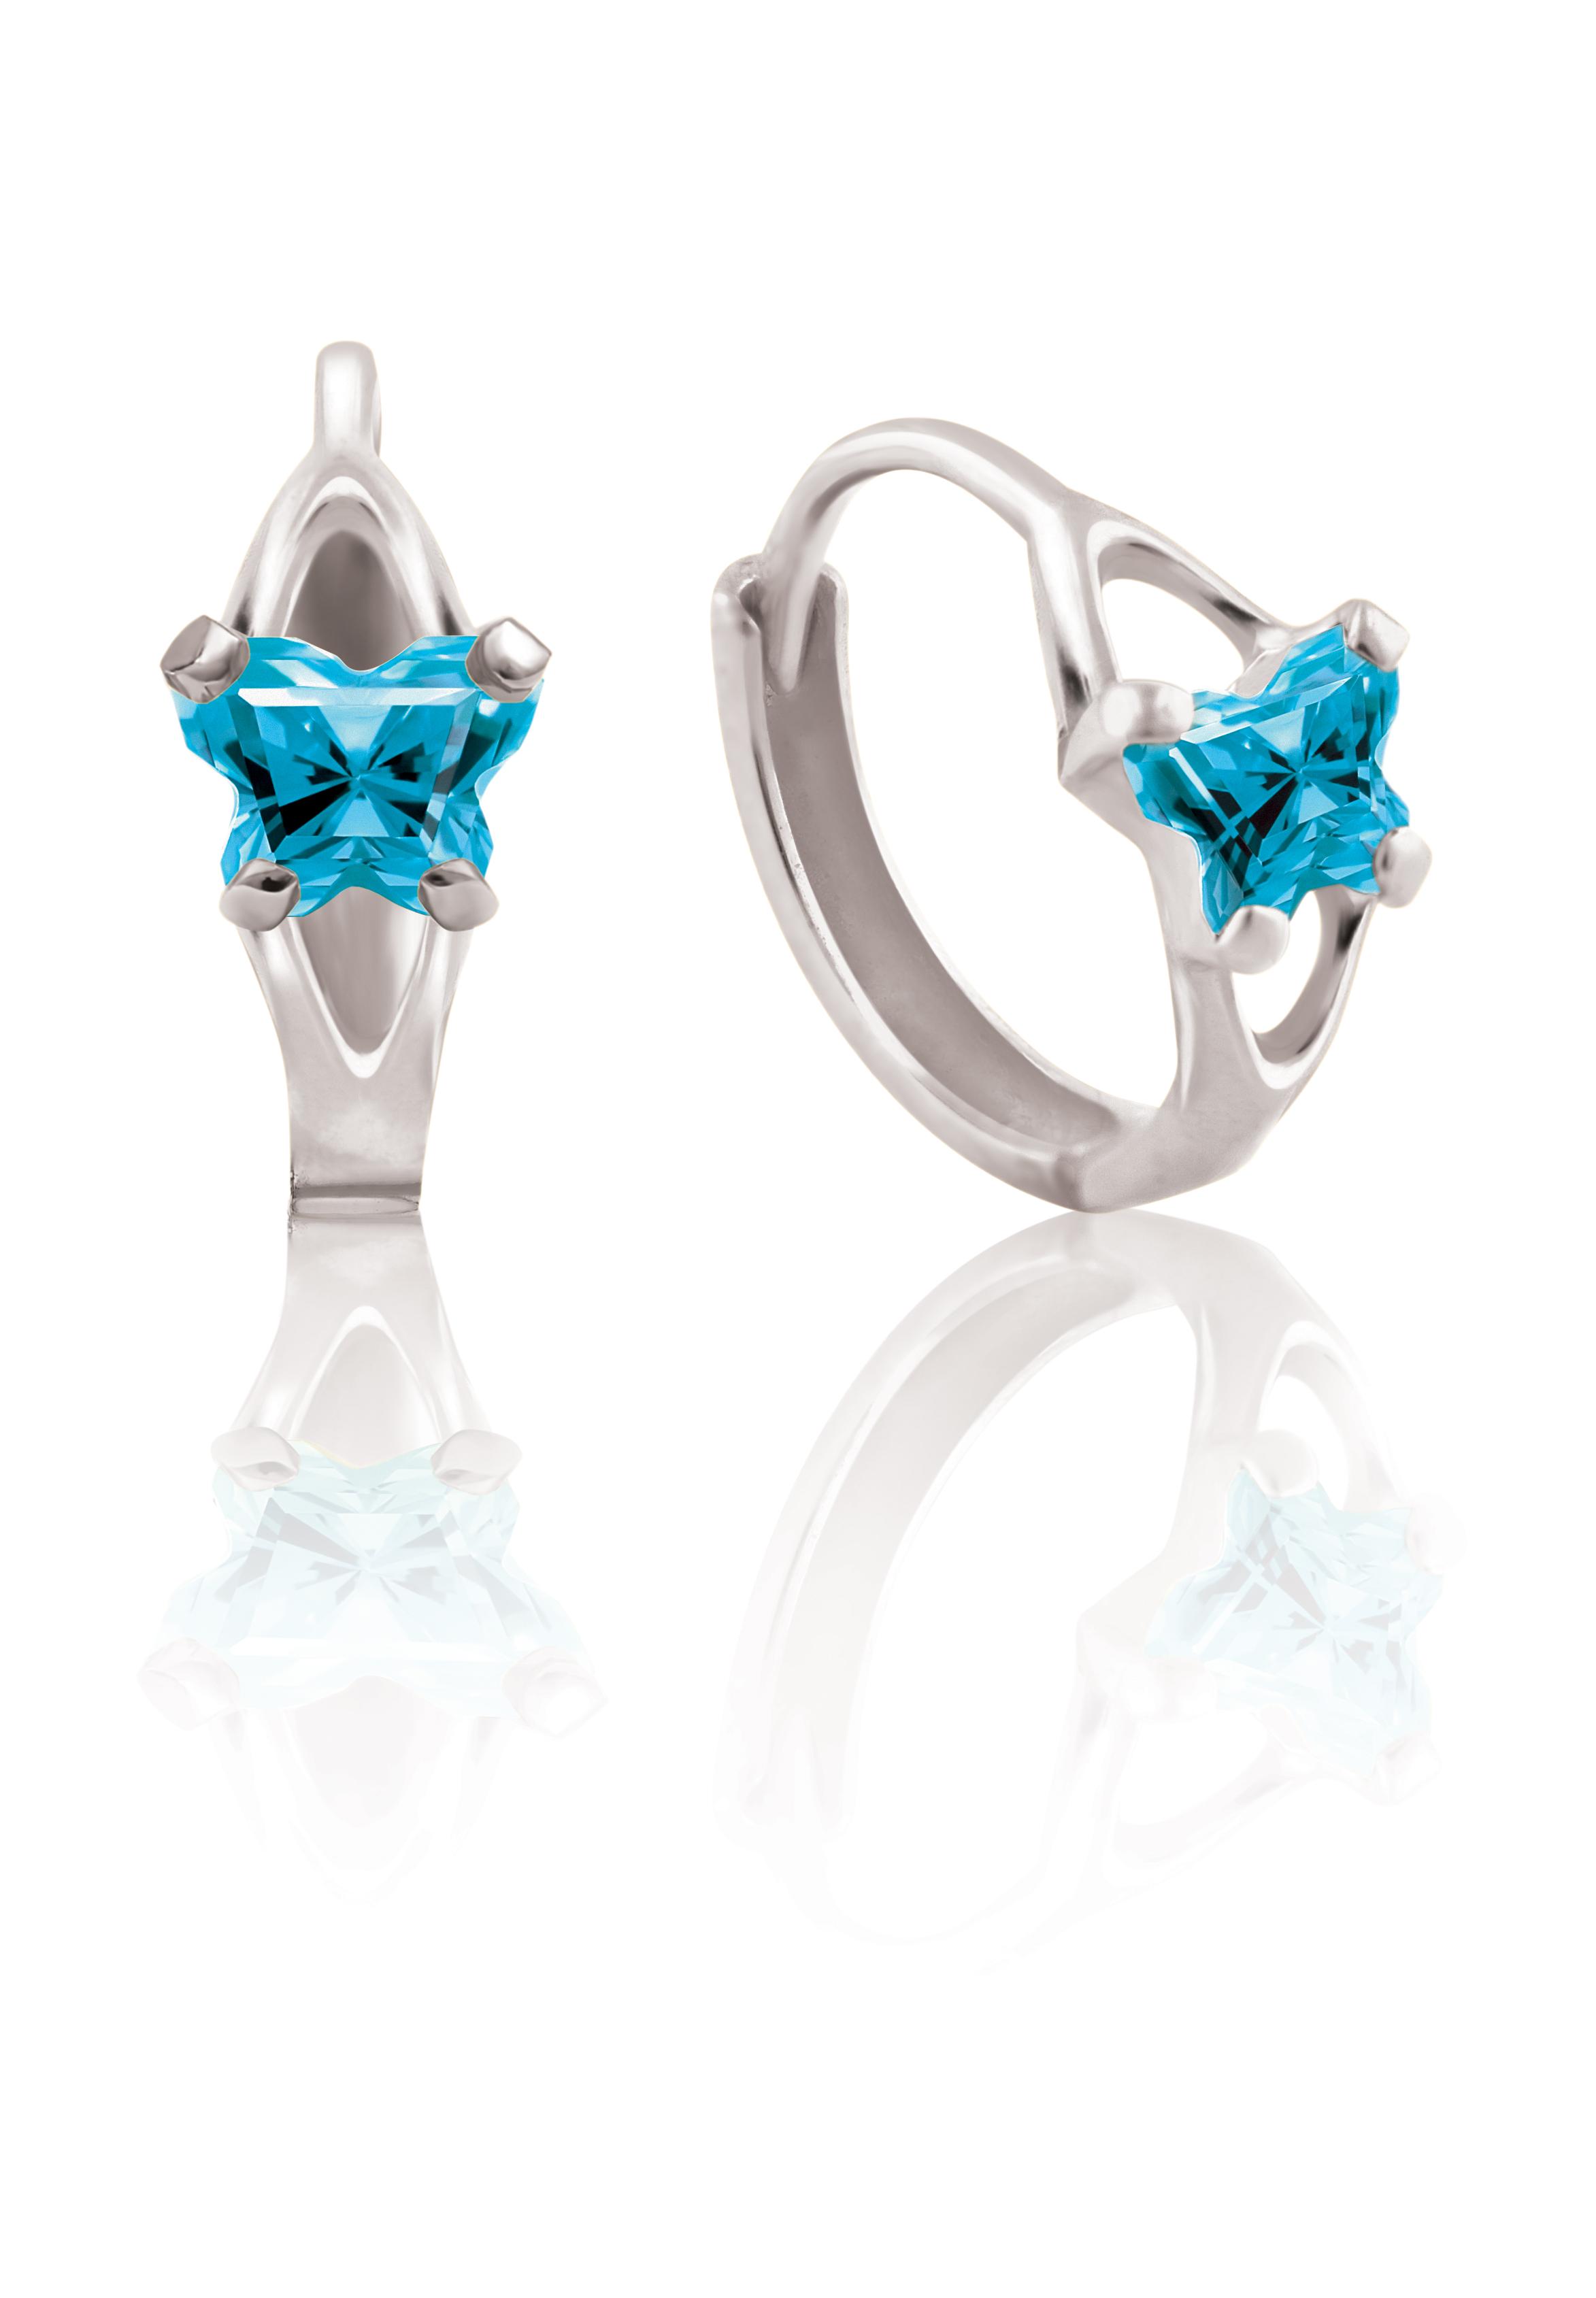 Boucles d'oreilles BFLY de genre Huggies pour bébé en argent sterling serties de zircons cubiques bleus (mois de décembre)